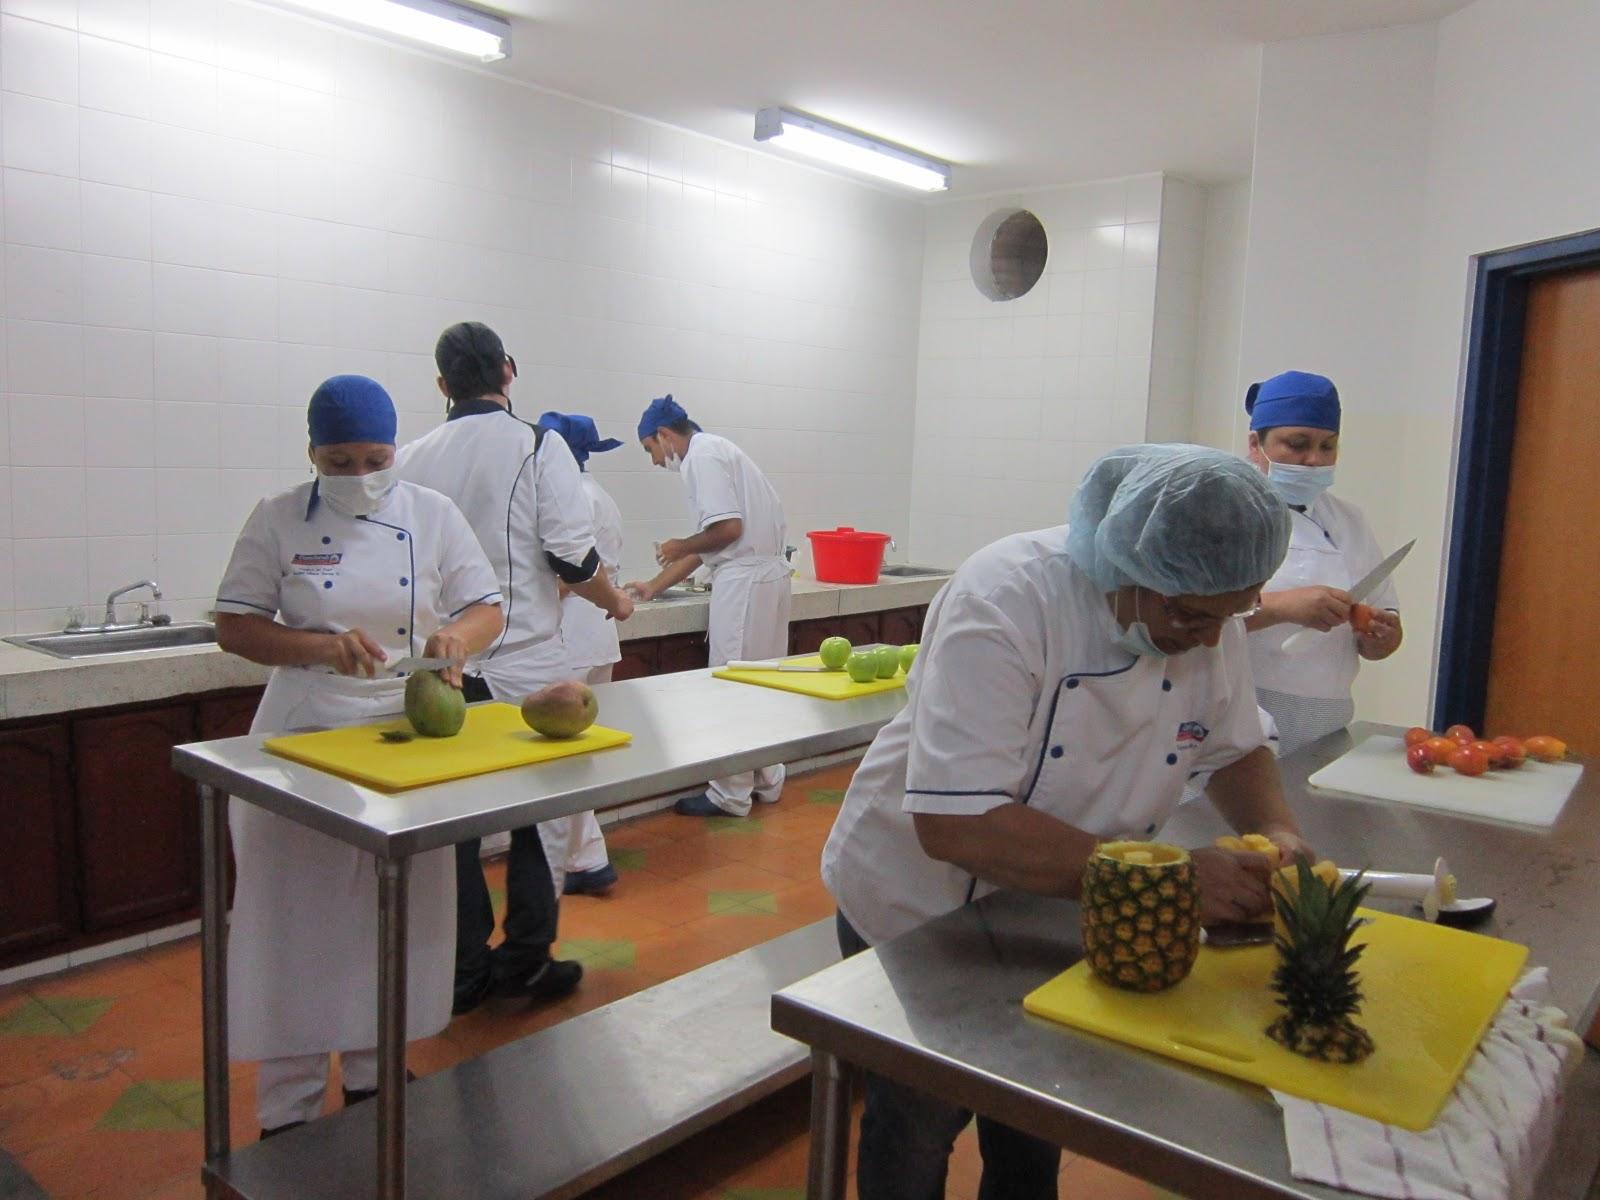 panaderia y reposteria para diabeticos maria lopera